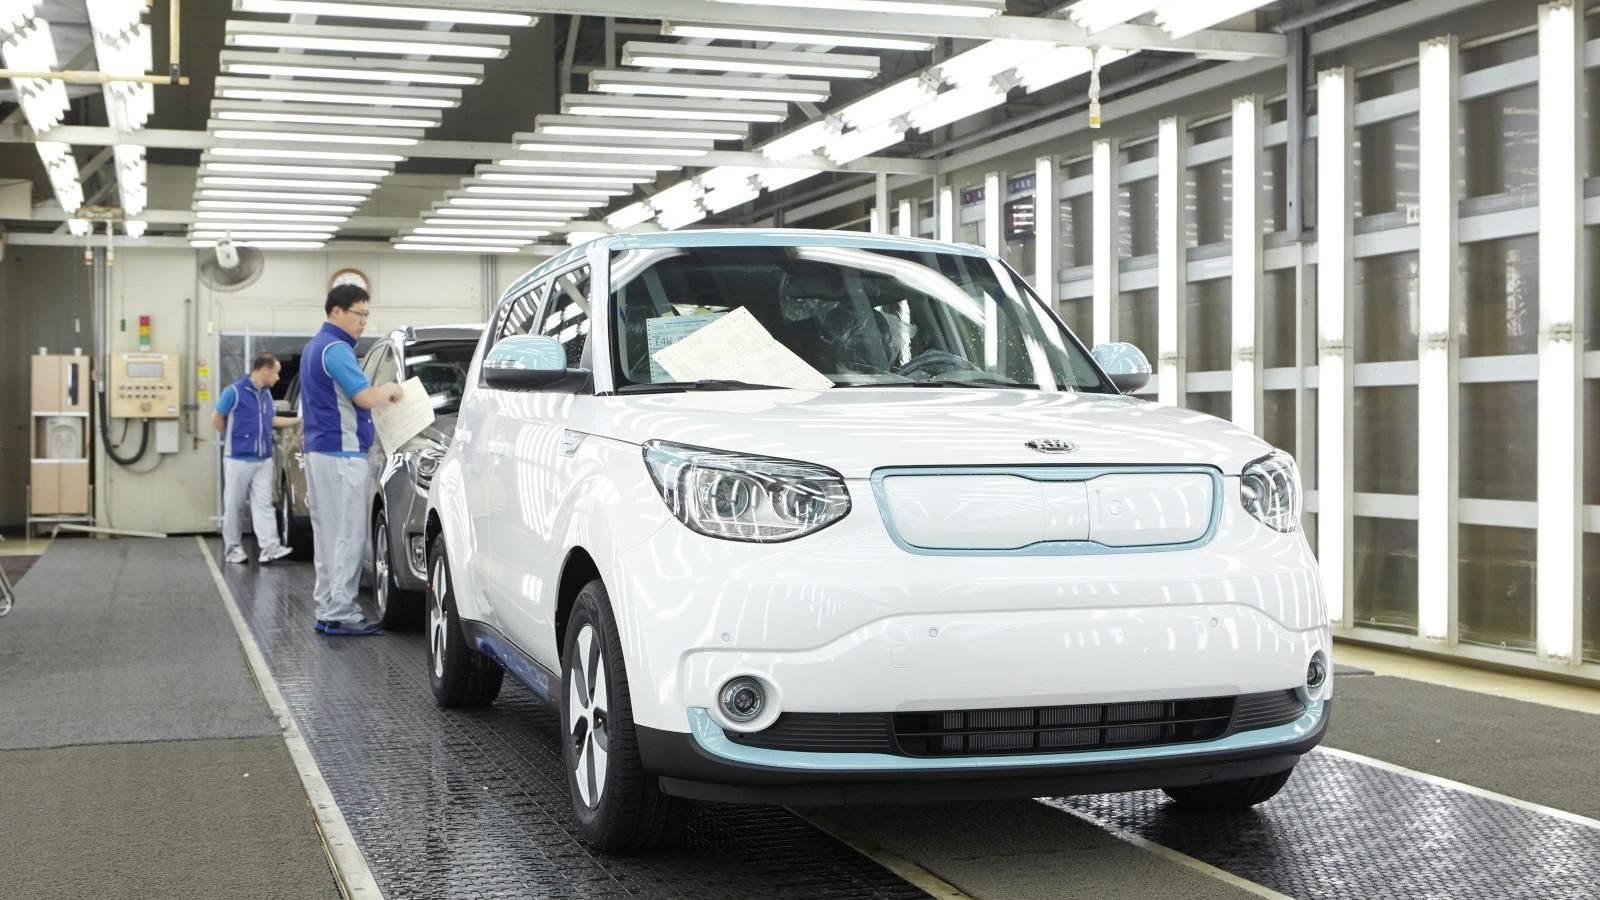 2015 Kia Soul EV enters production